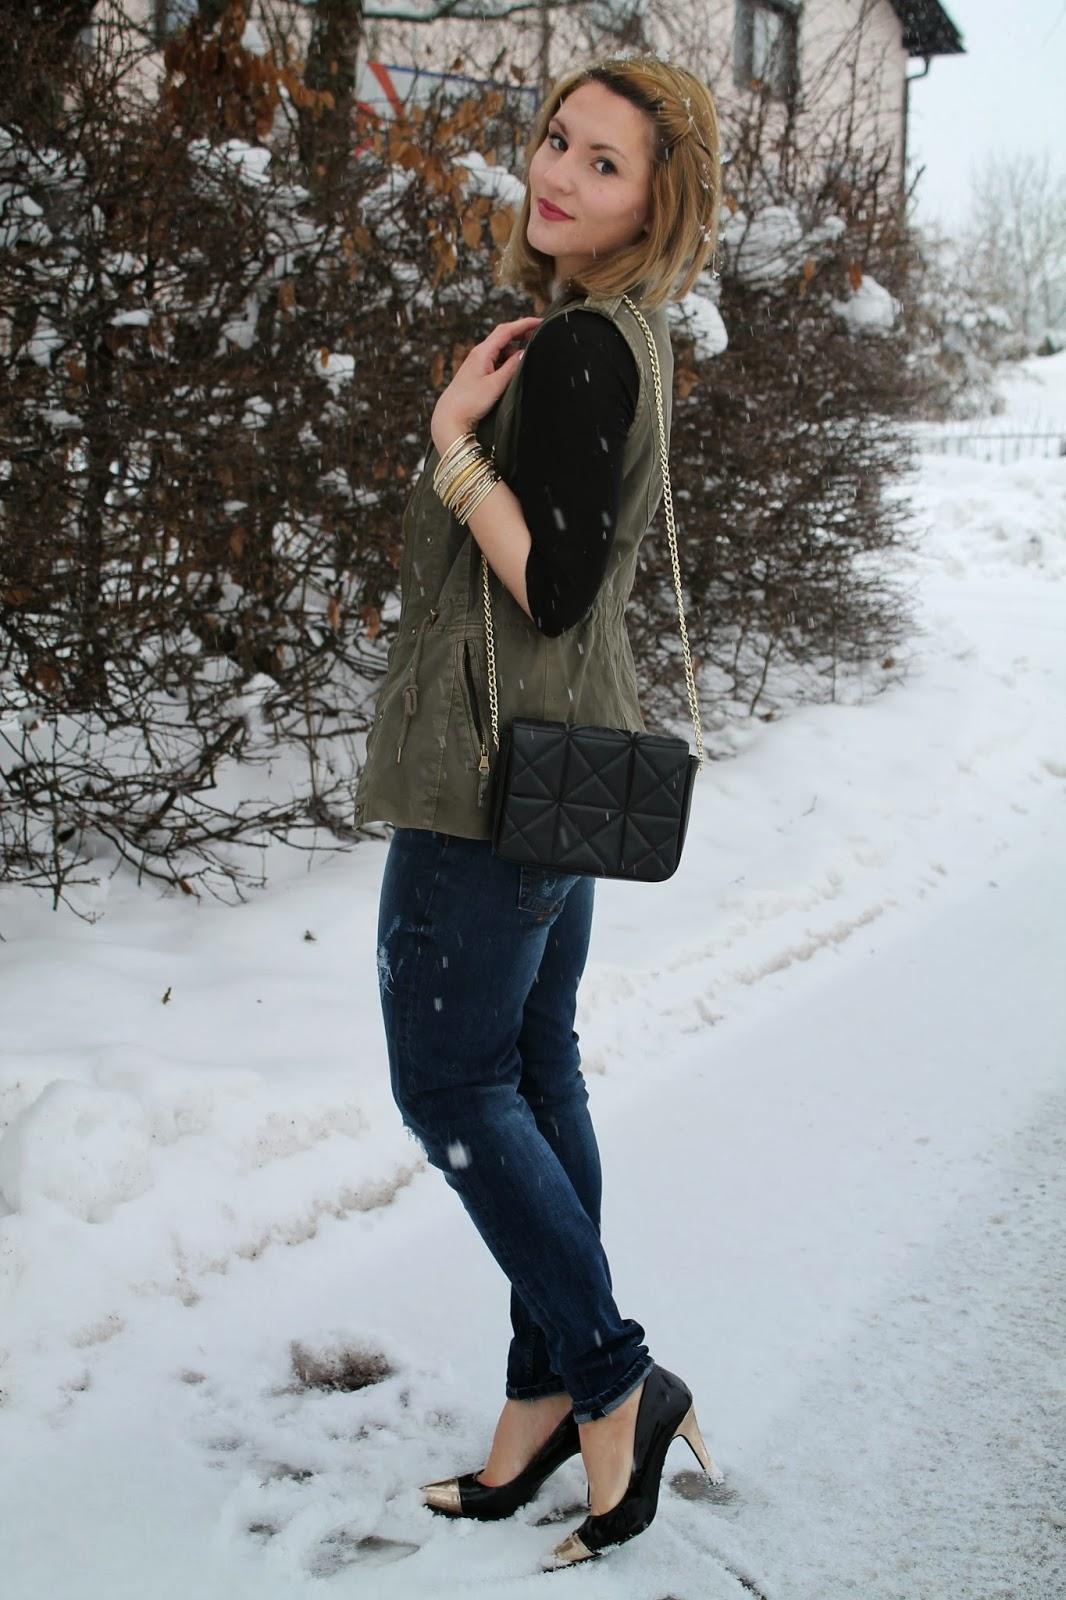 Fashionblogger Austria Österreich Kärnten Carinthia Klagenfurt Winter Style Winter Look Winter Fashion Fashion Even and Odd Takko Zara H&M Stripes Boyfriend Jeand Ann Christine